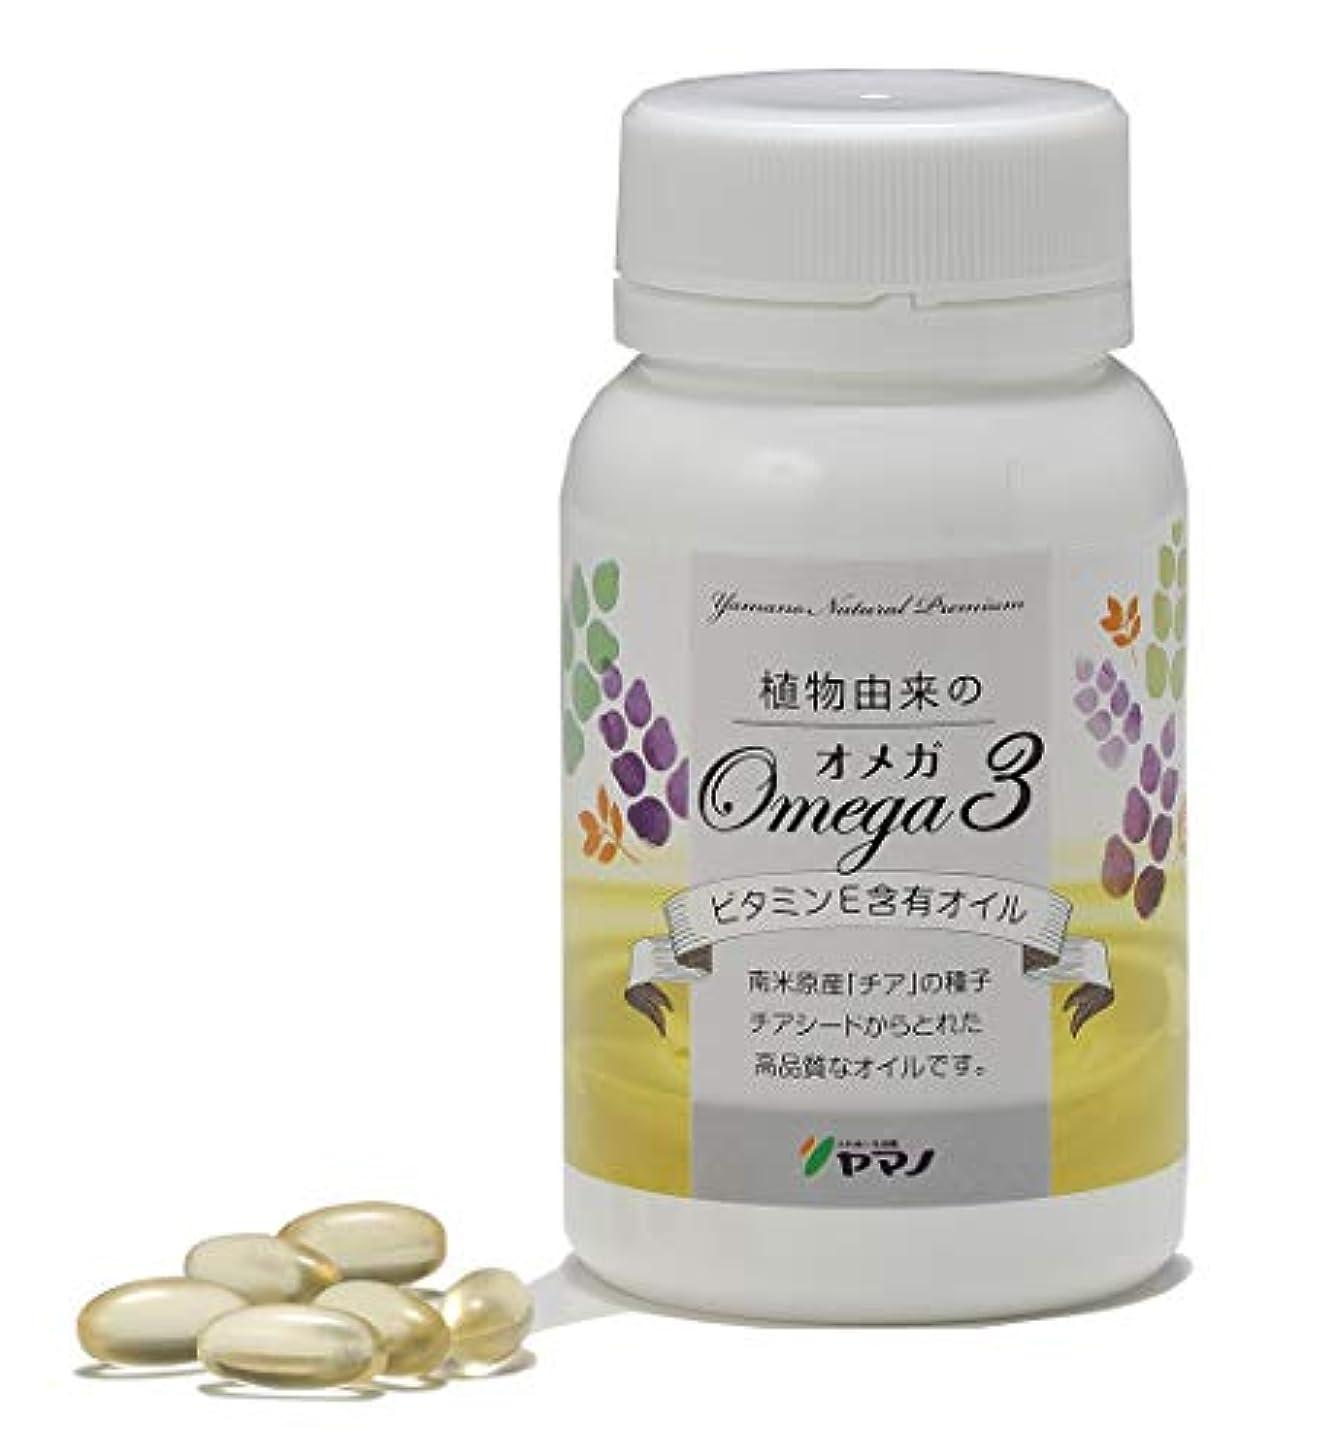 件名赤面ごめんなさいふれあい生活館ヤマノ 植物由来のオメガ3(チアシードオイル)